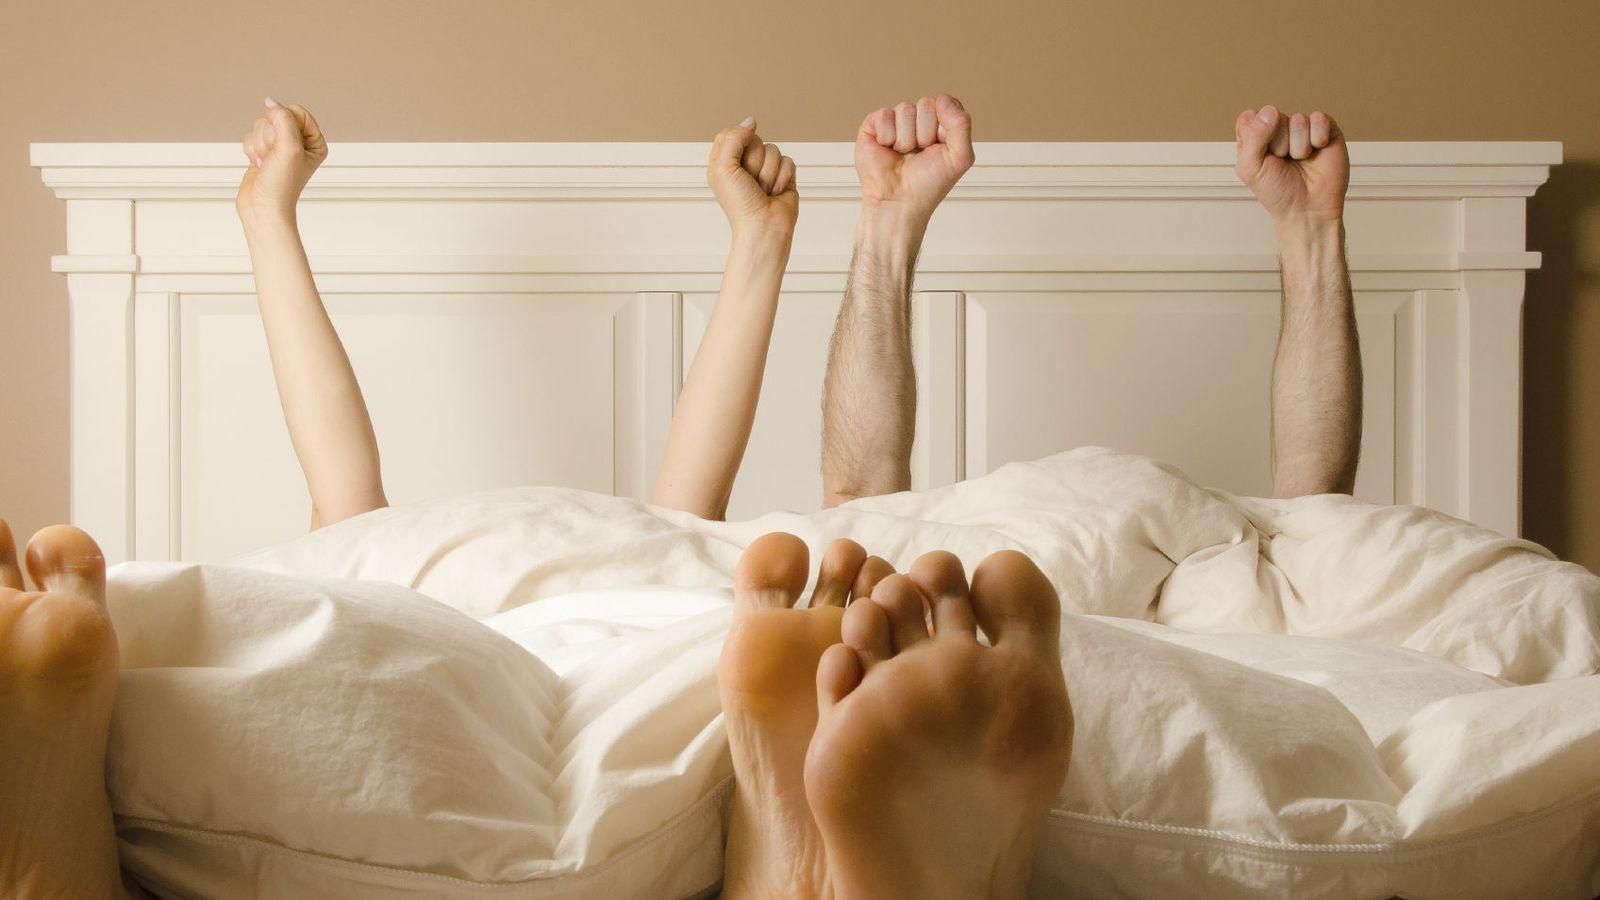 Como mejorar en la cama hombres